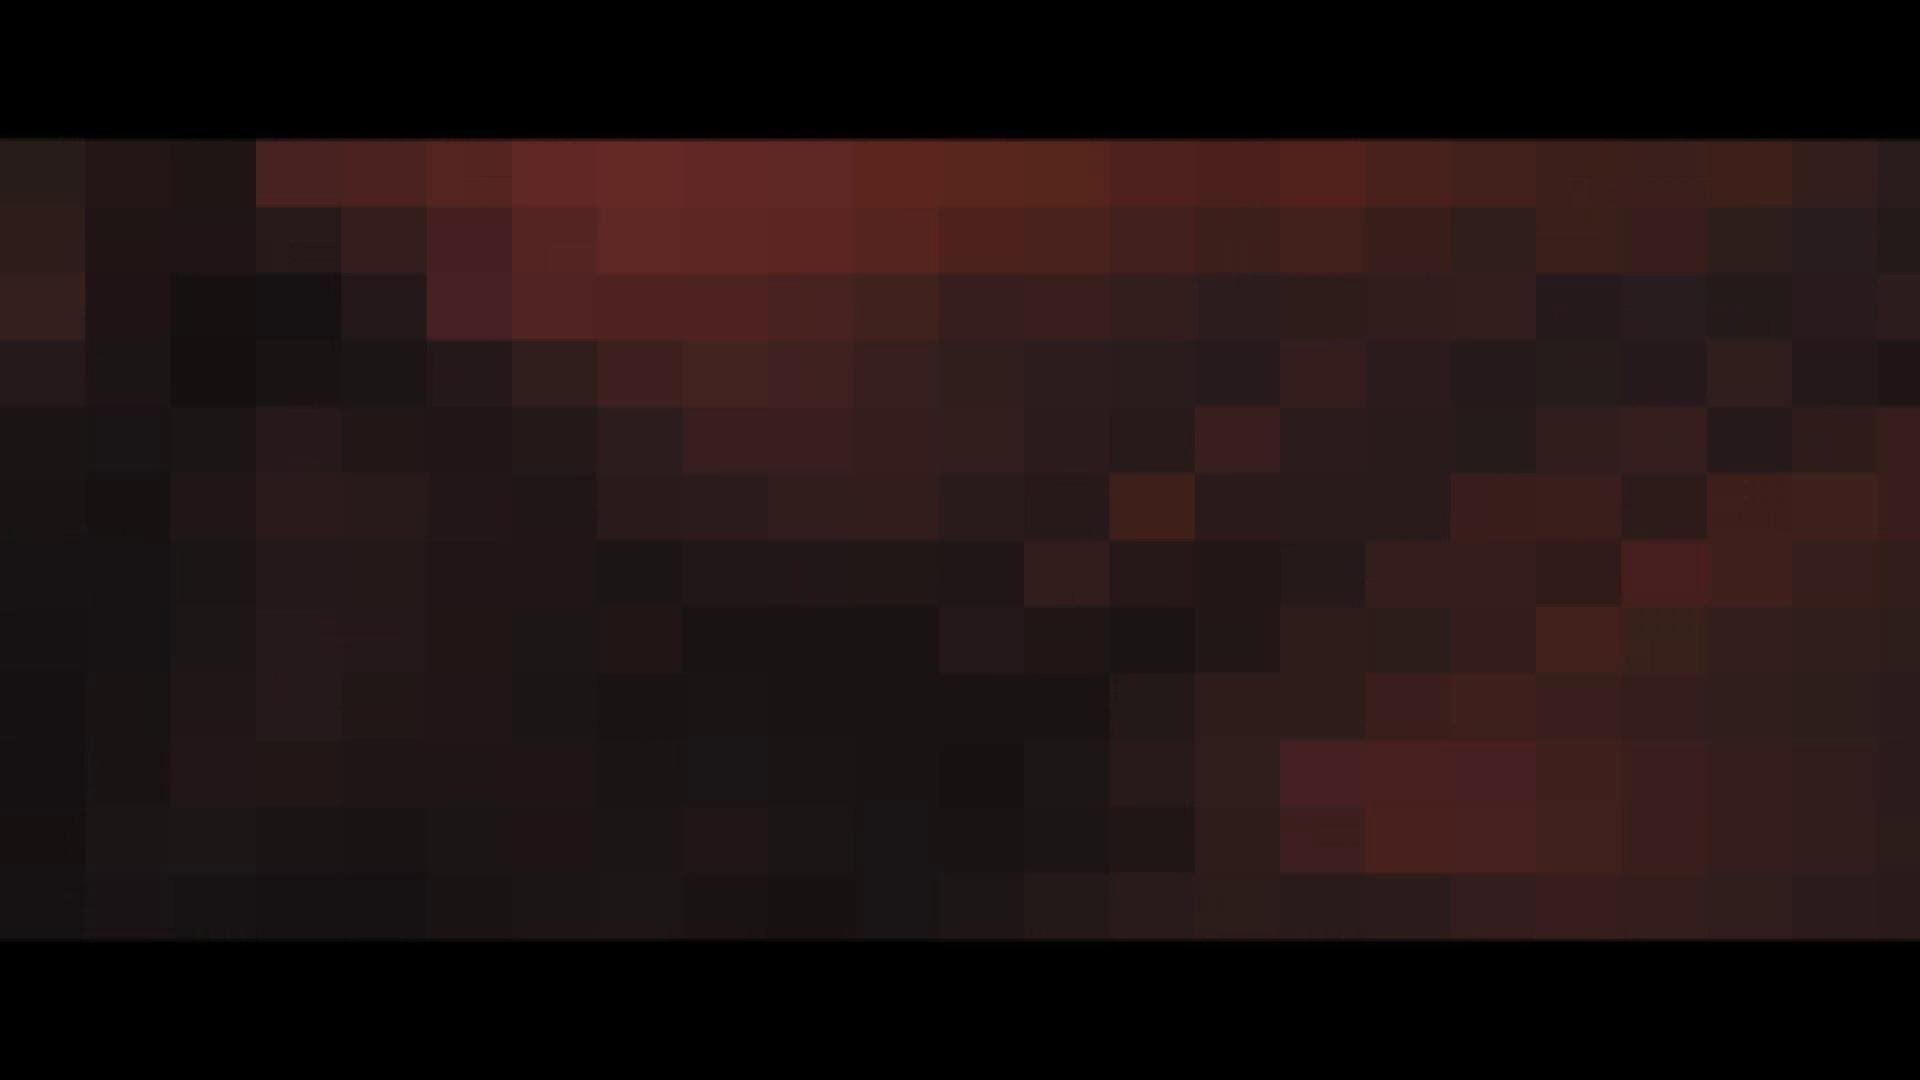 世界の射窓から vol.30 高評価 オマンコ動画キャプチャ 105画像 77